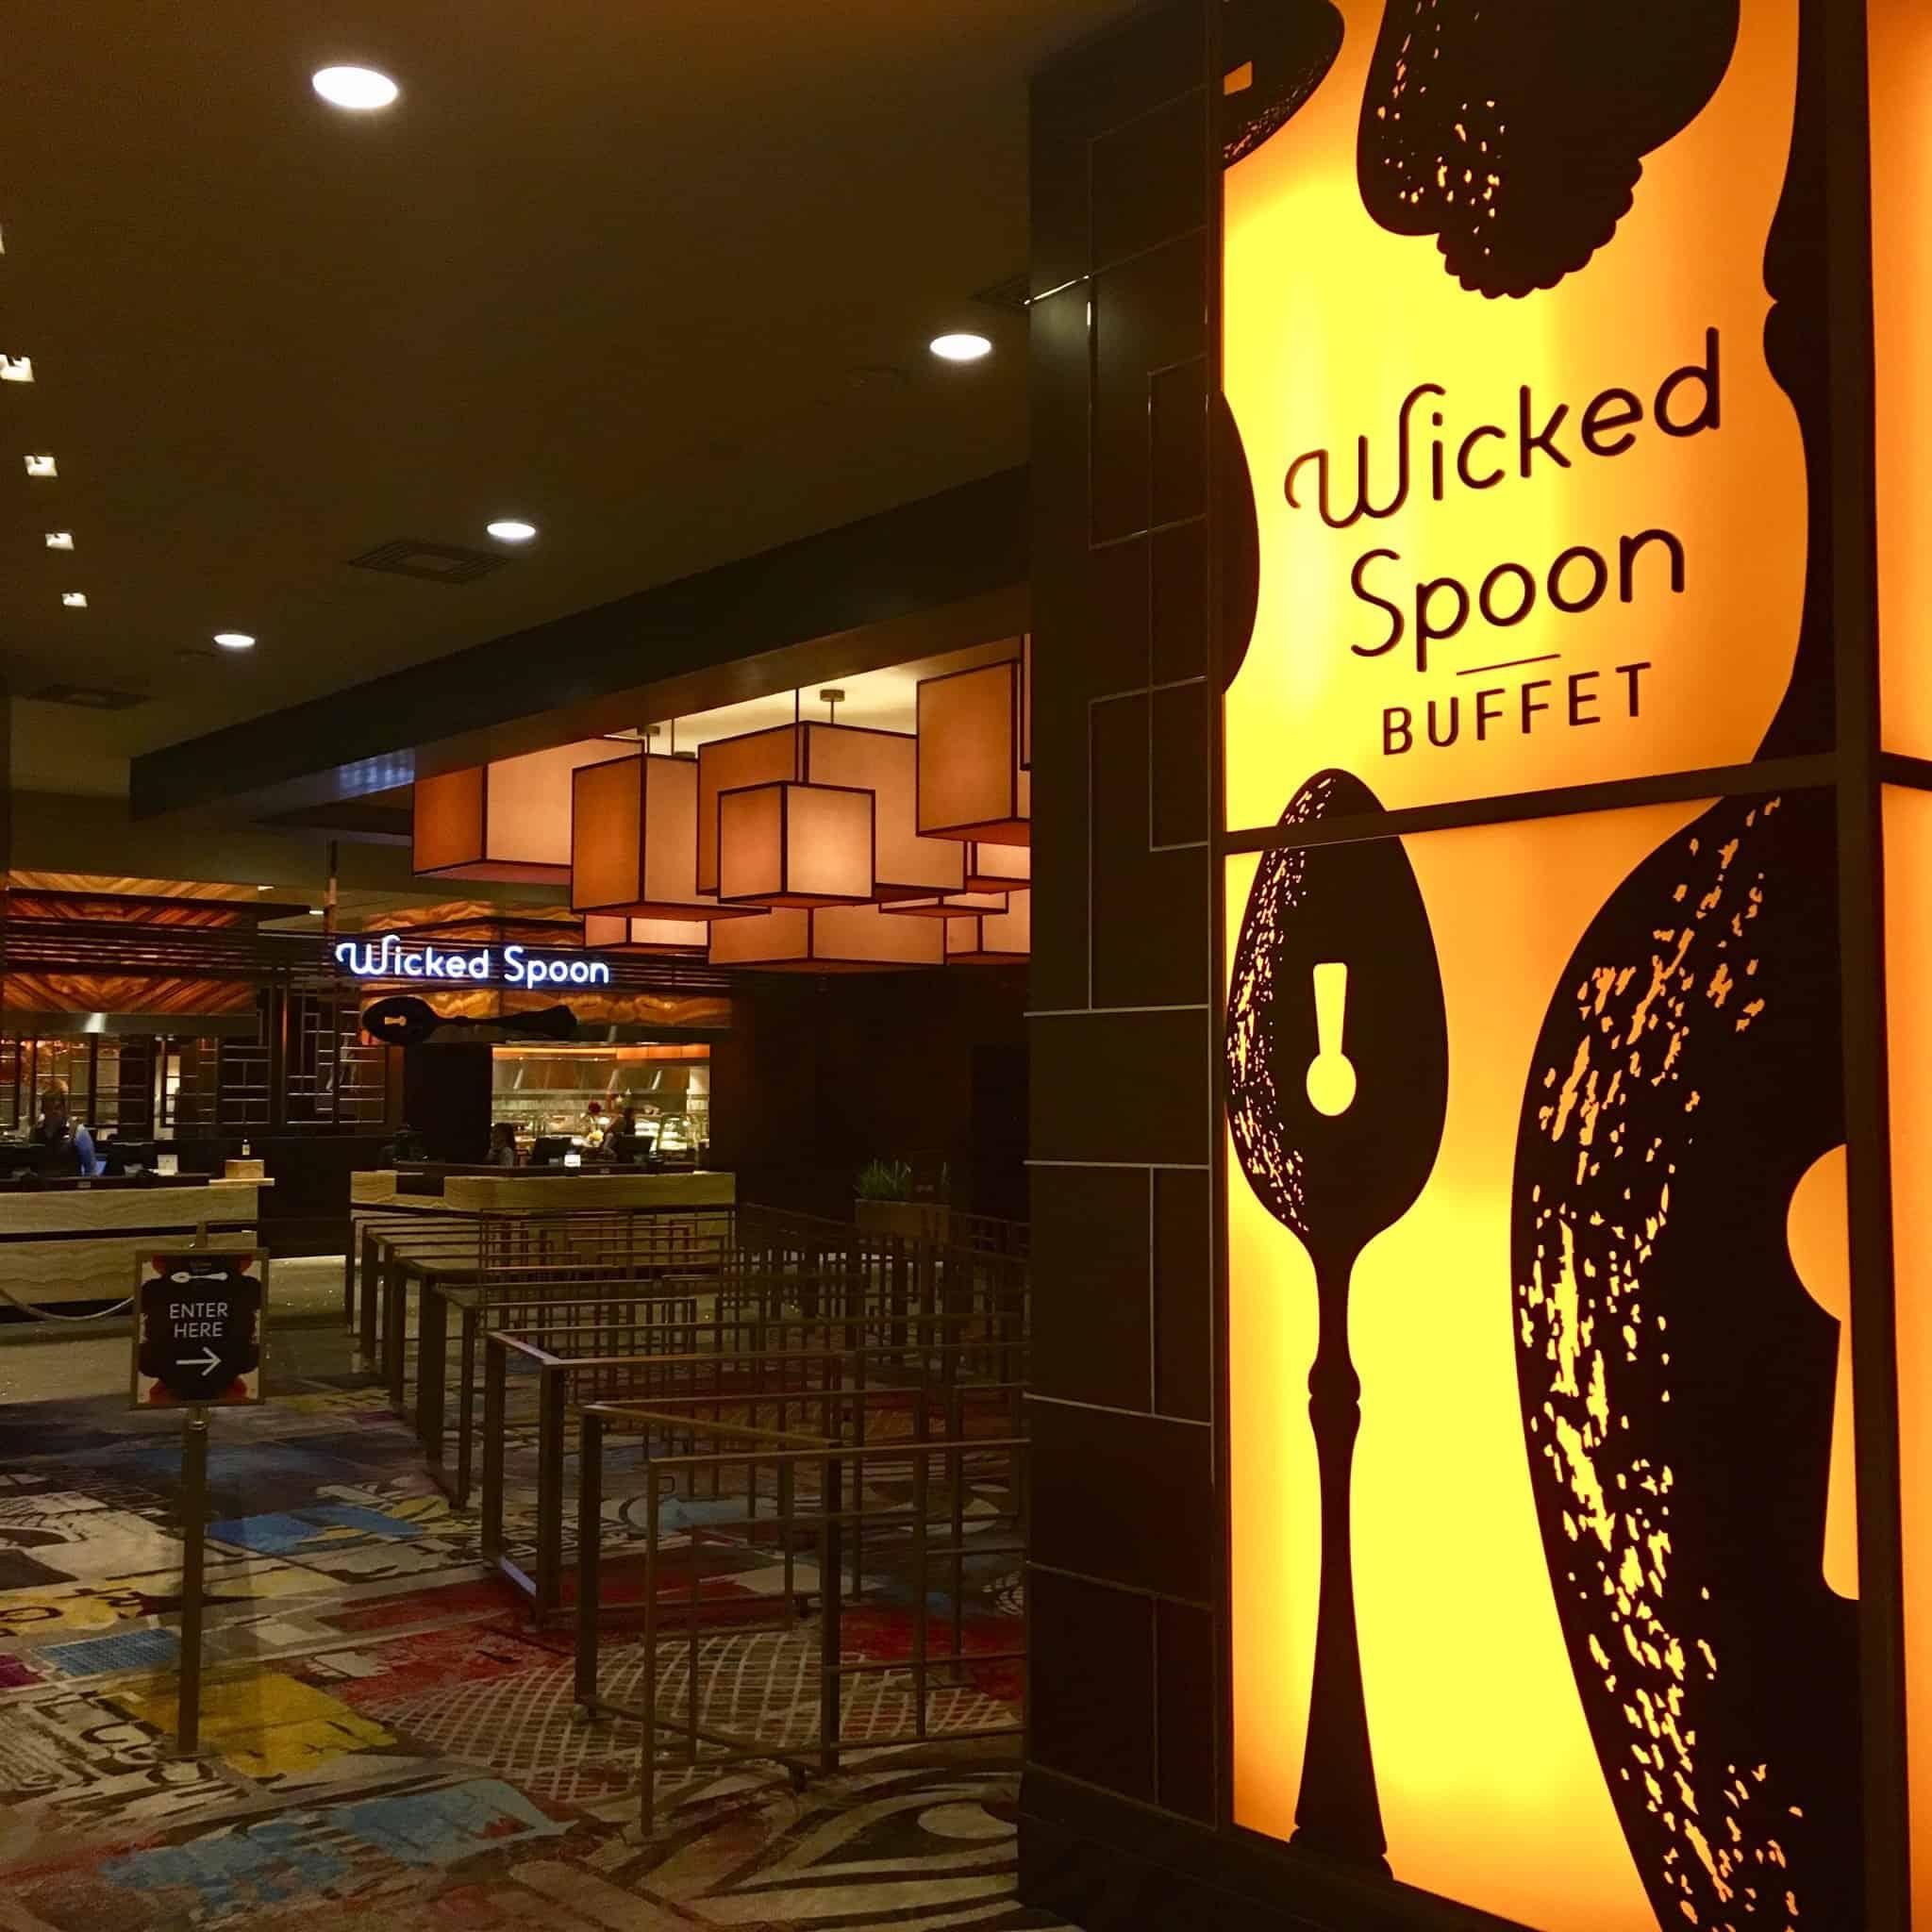 Entrance to Wicked Spoon Buffet in Las Vegas